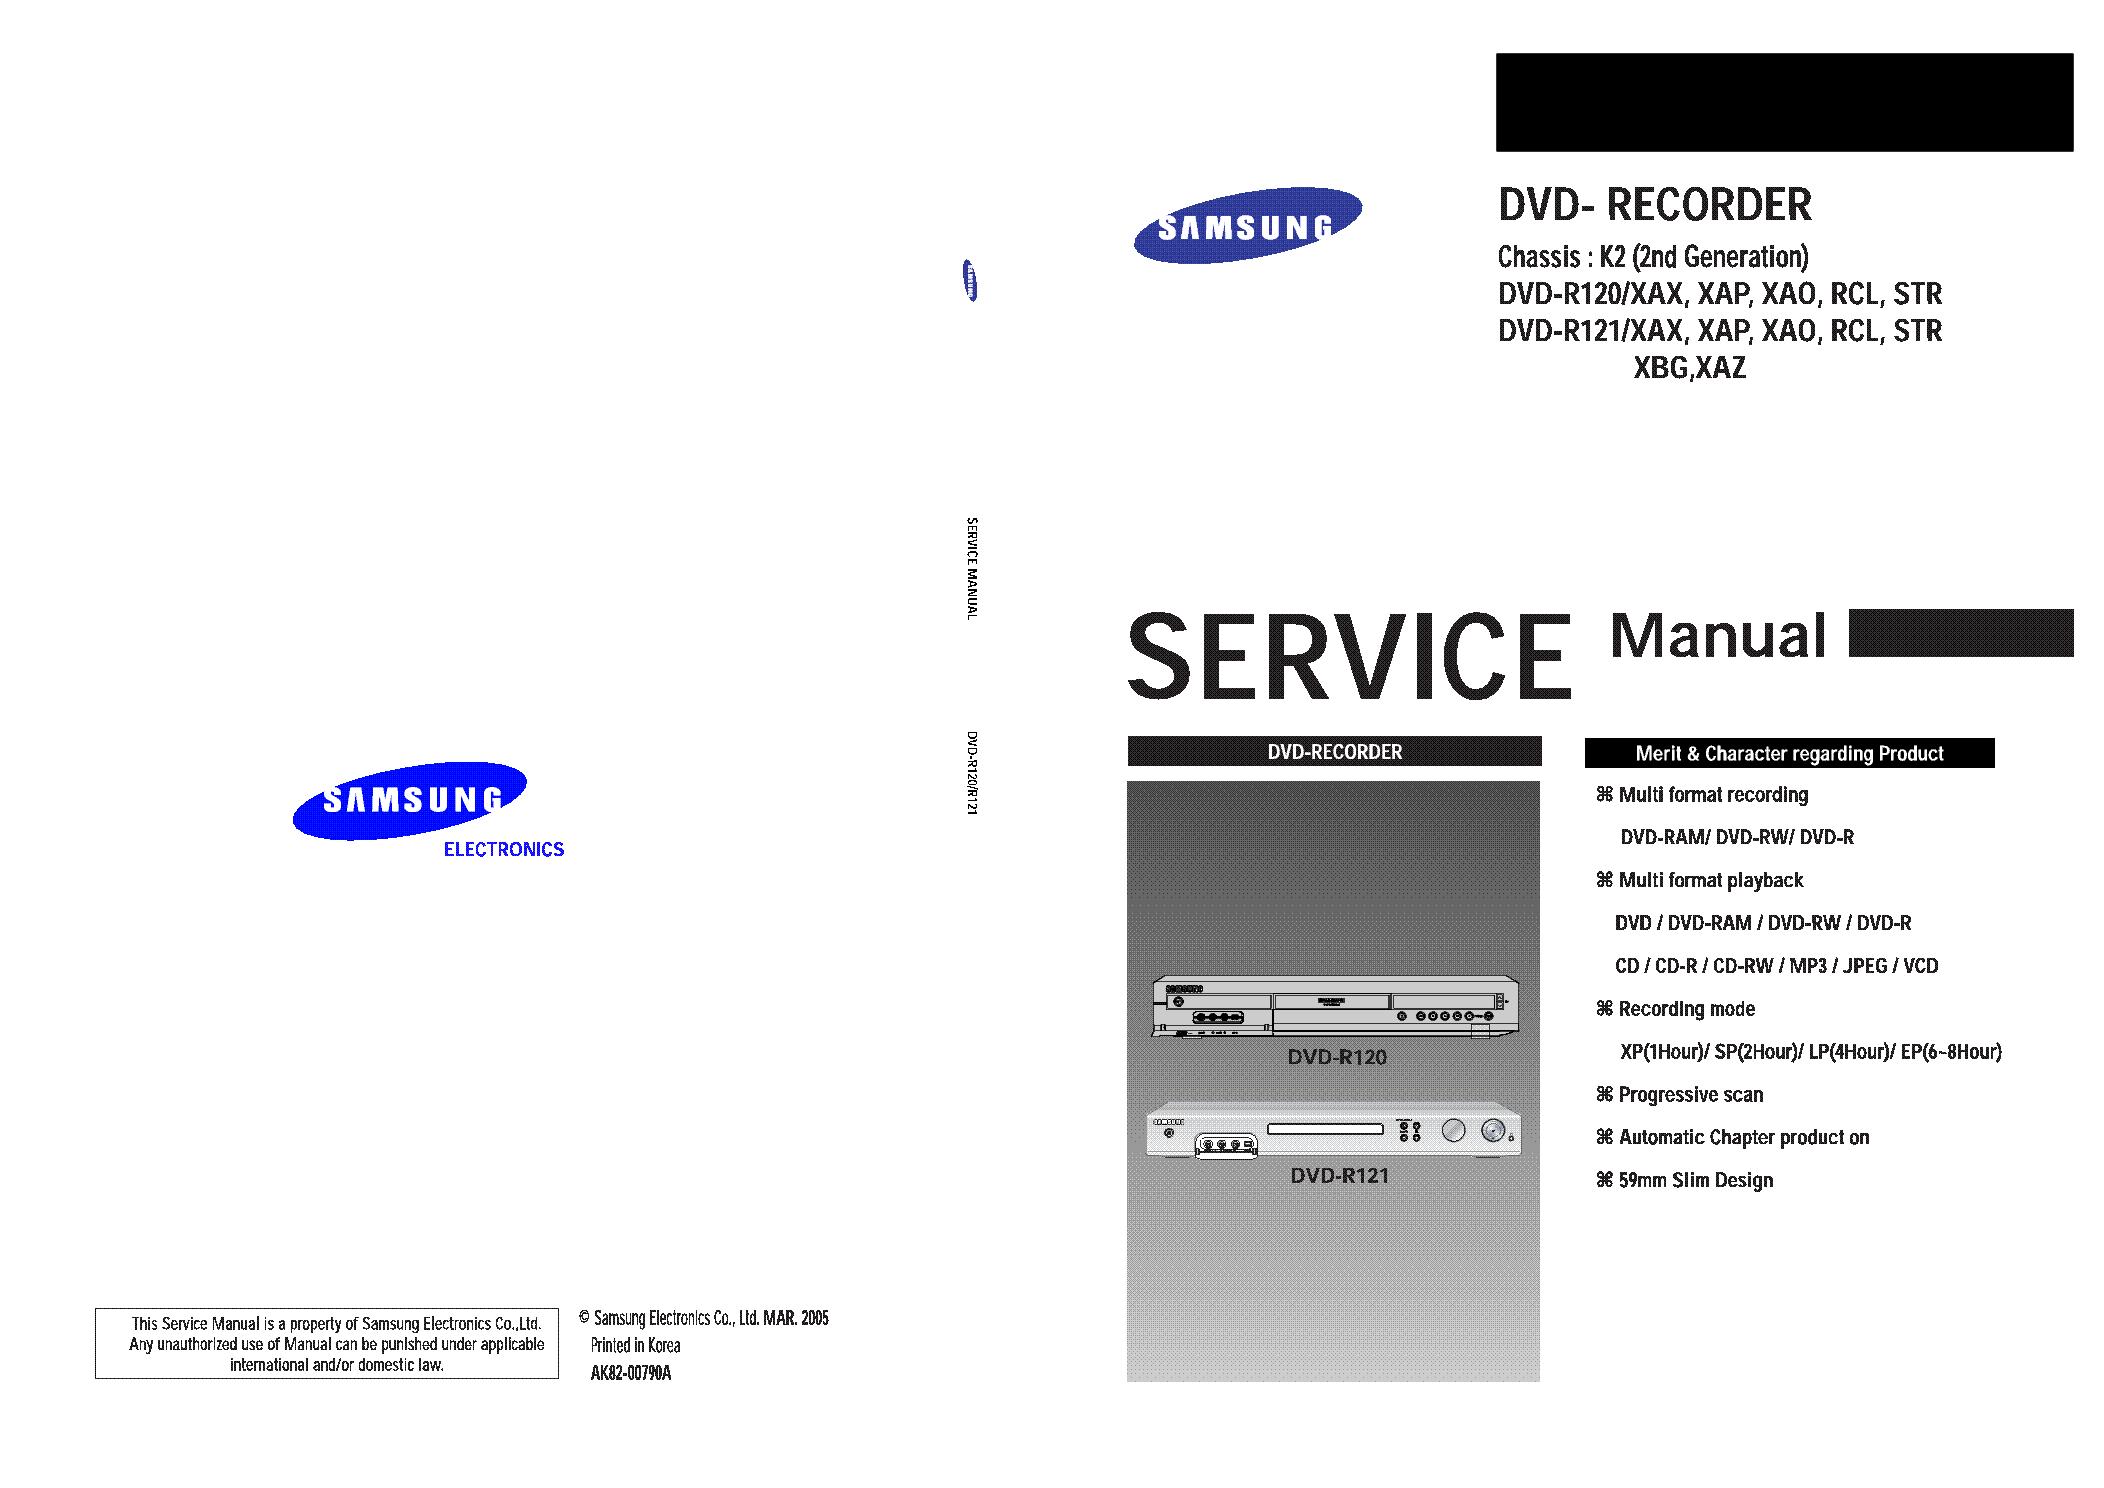 Samsung dvd r120 20050328174951593 vcd 00686a xax 0304.